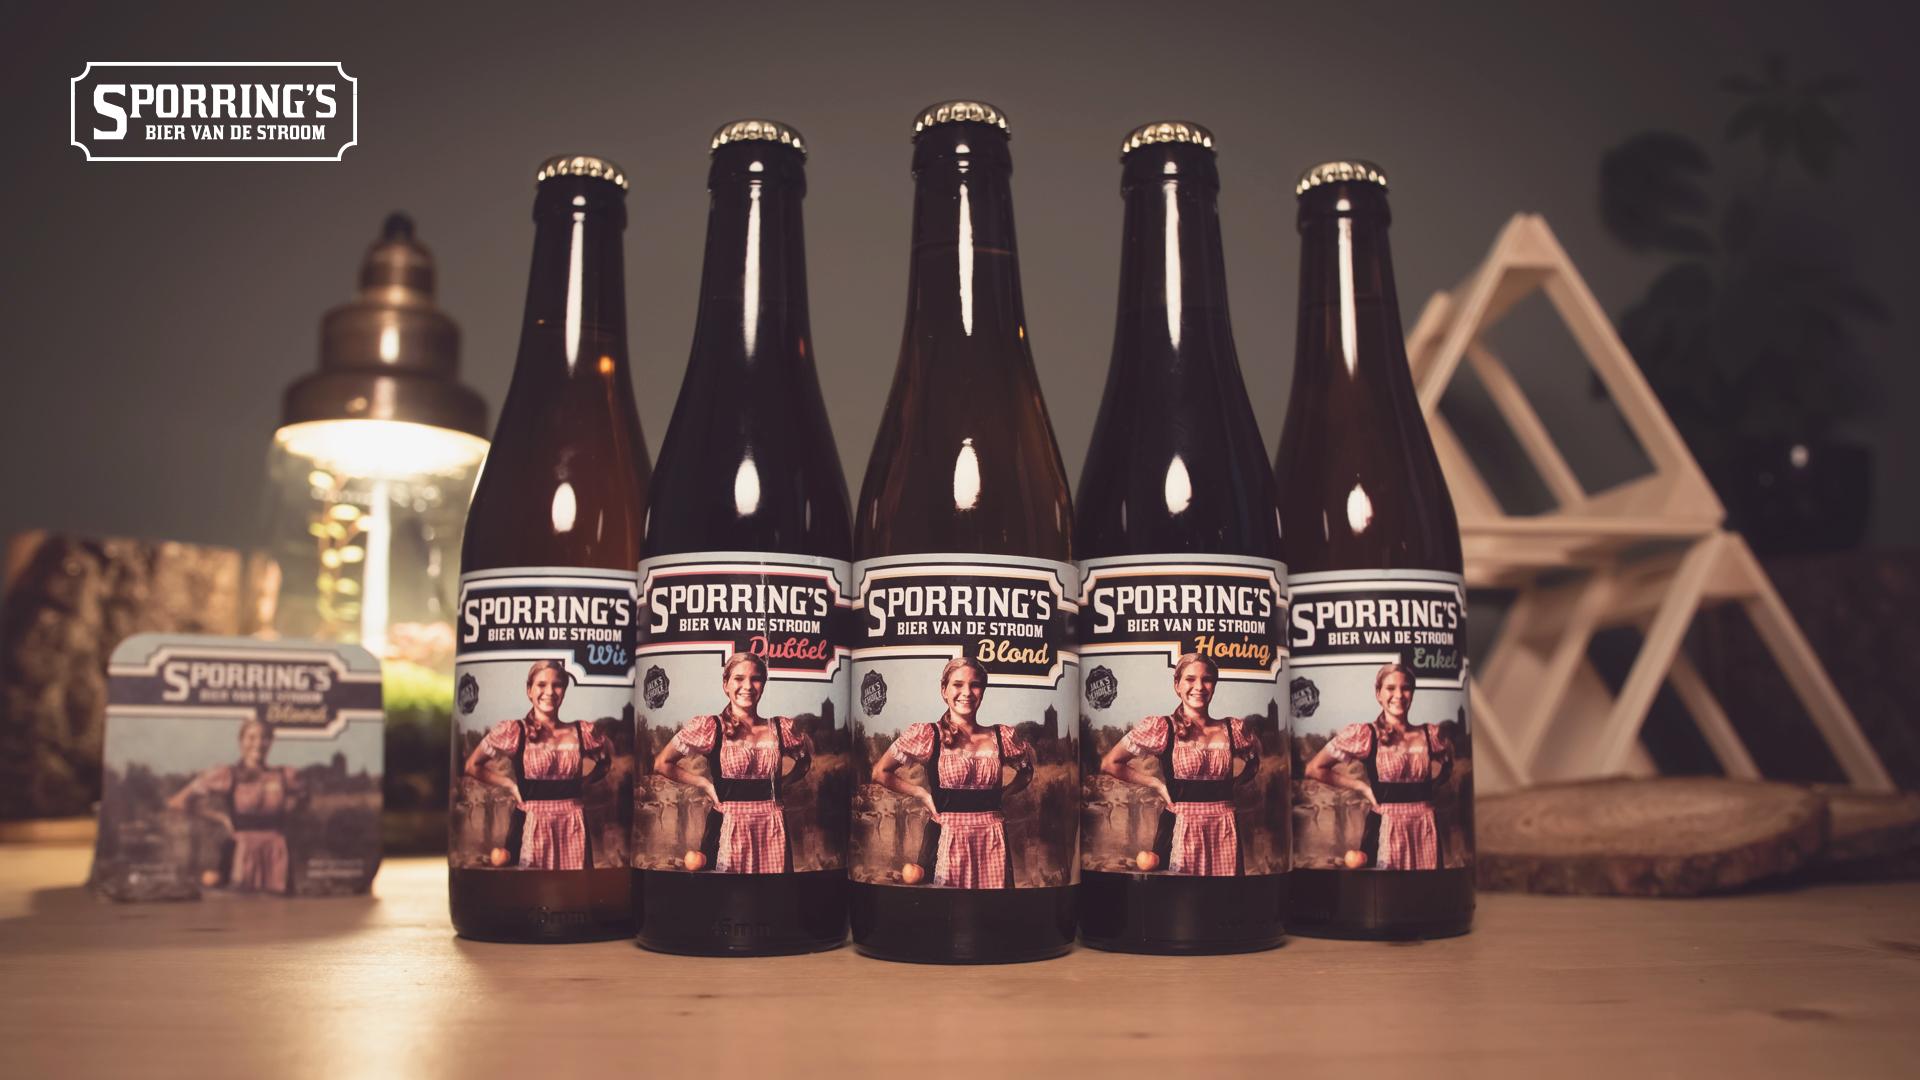 Sporrings bier Spoordonk viskwekerij de stroom